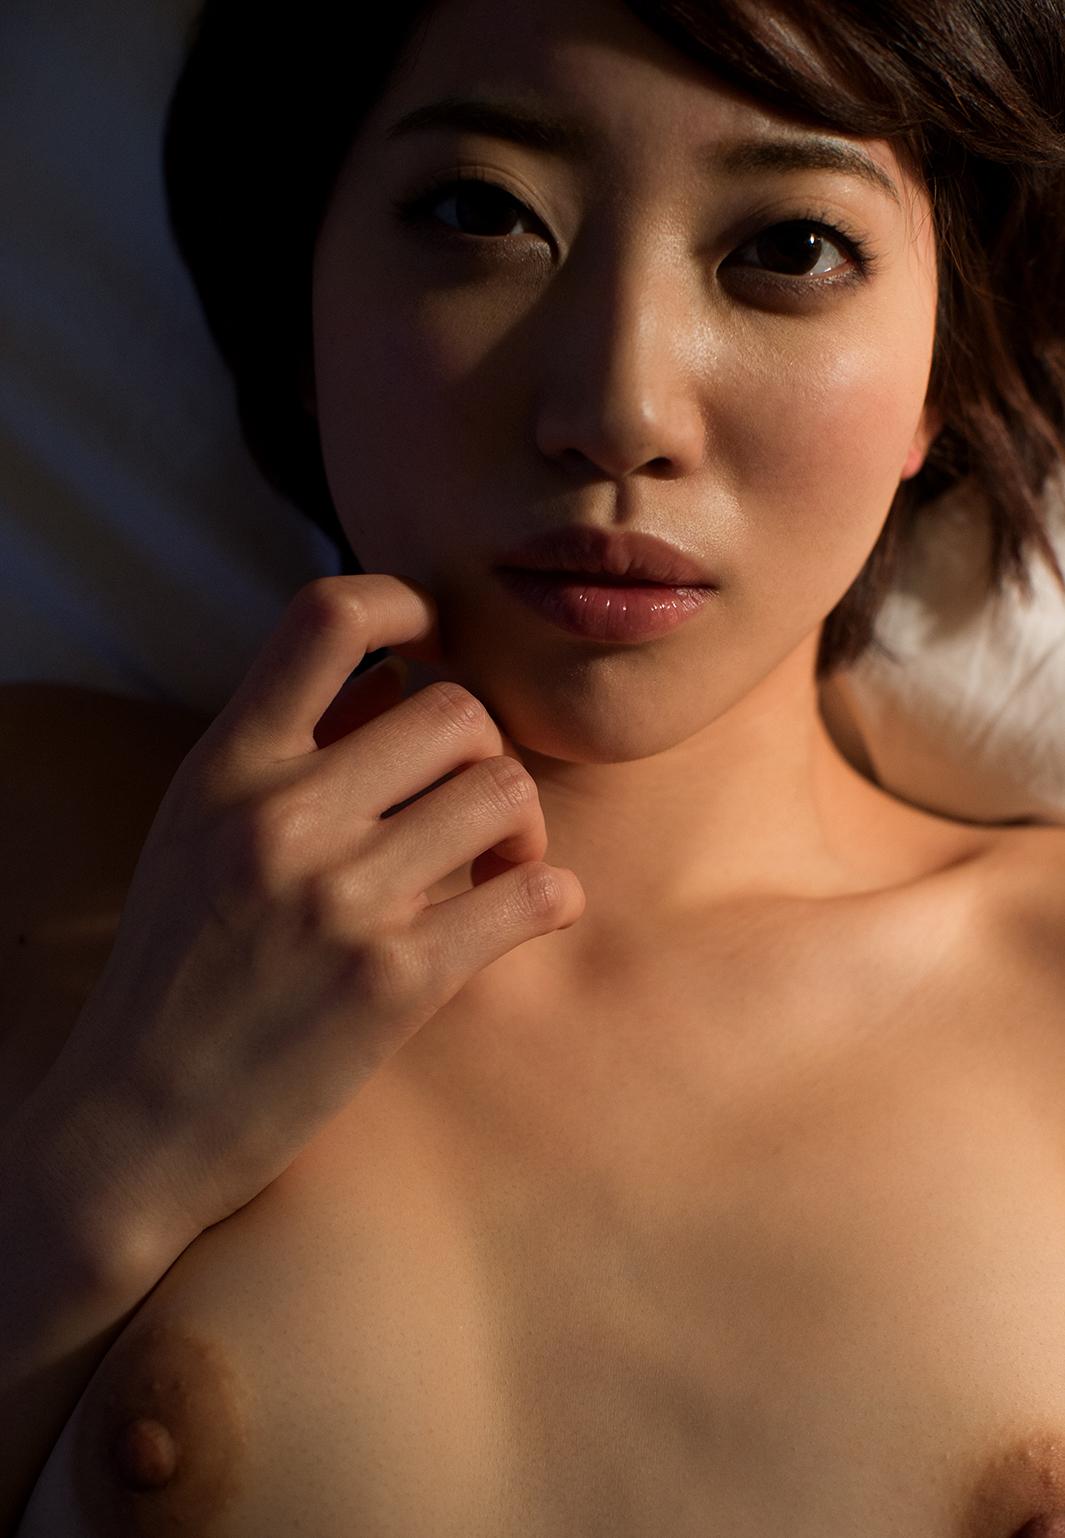 優希まこと 画像 89